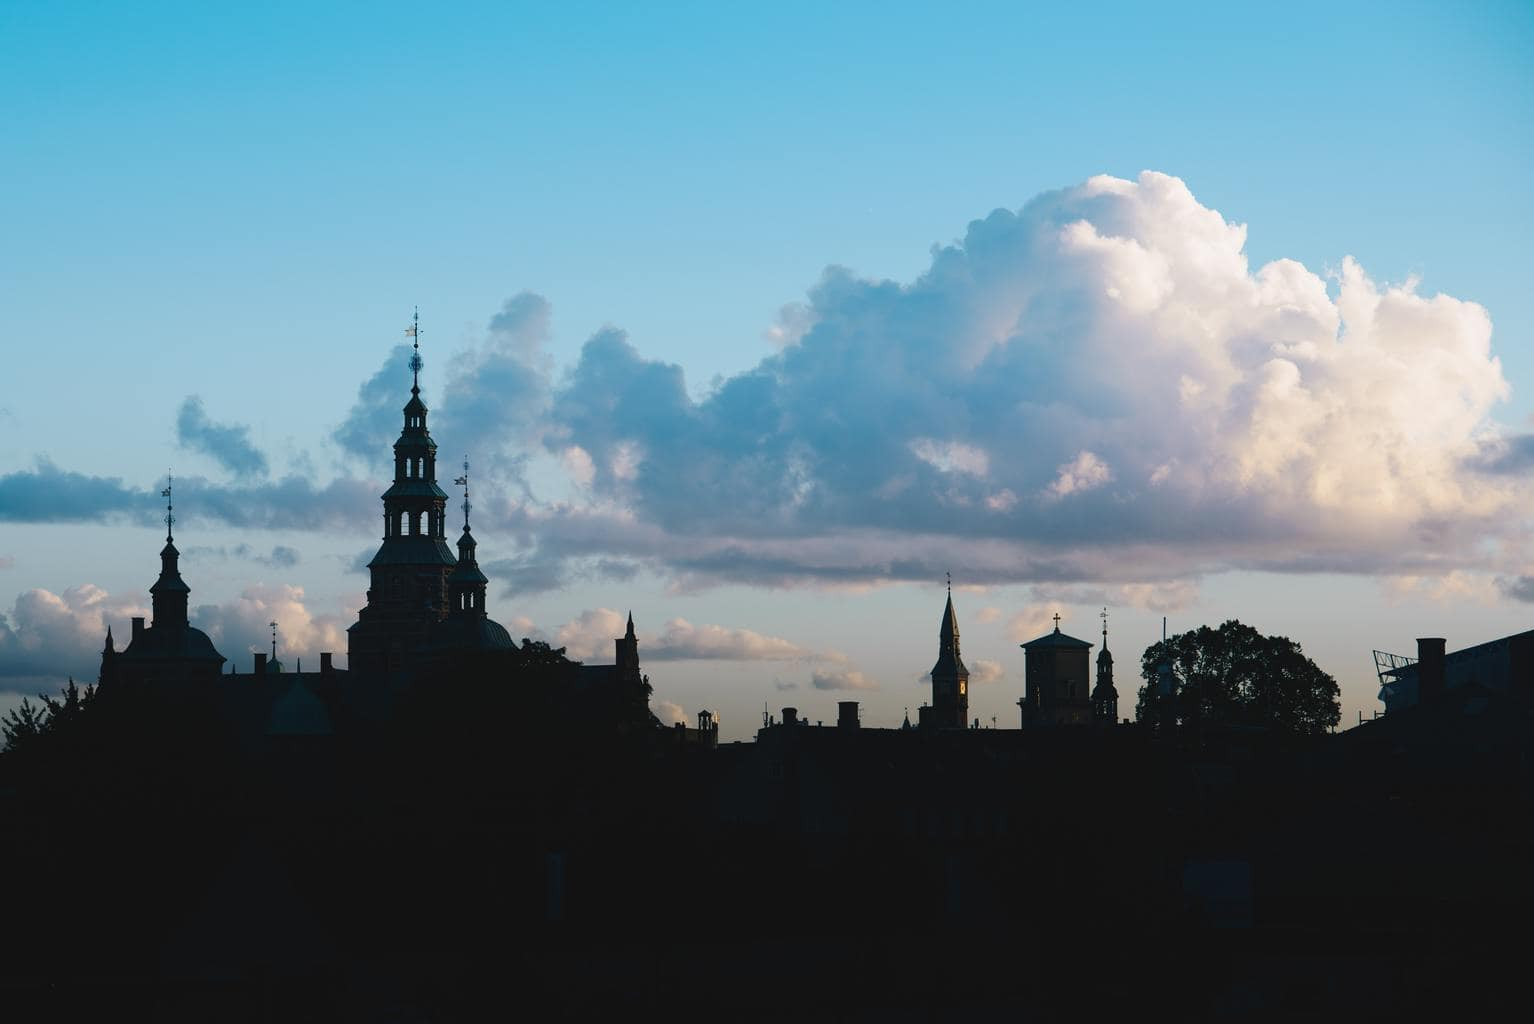 ciudad a contraluz con nubes en el cielo